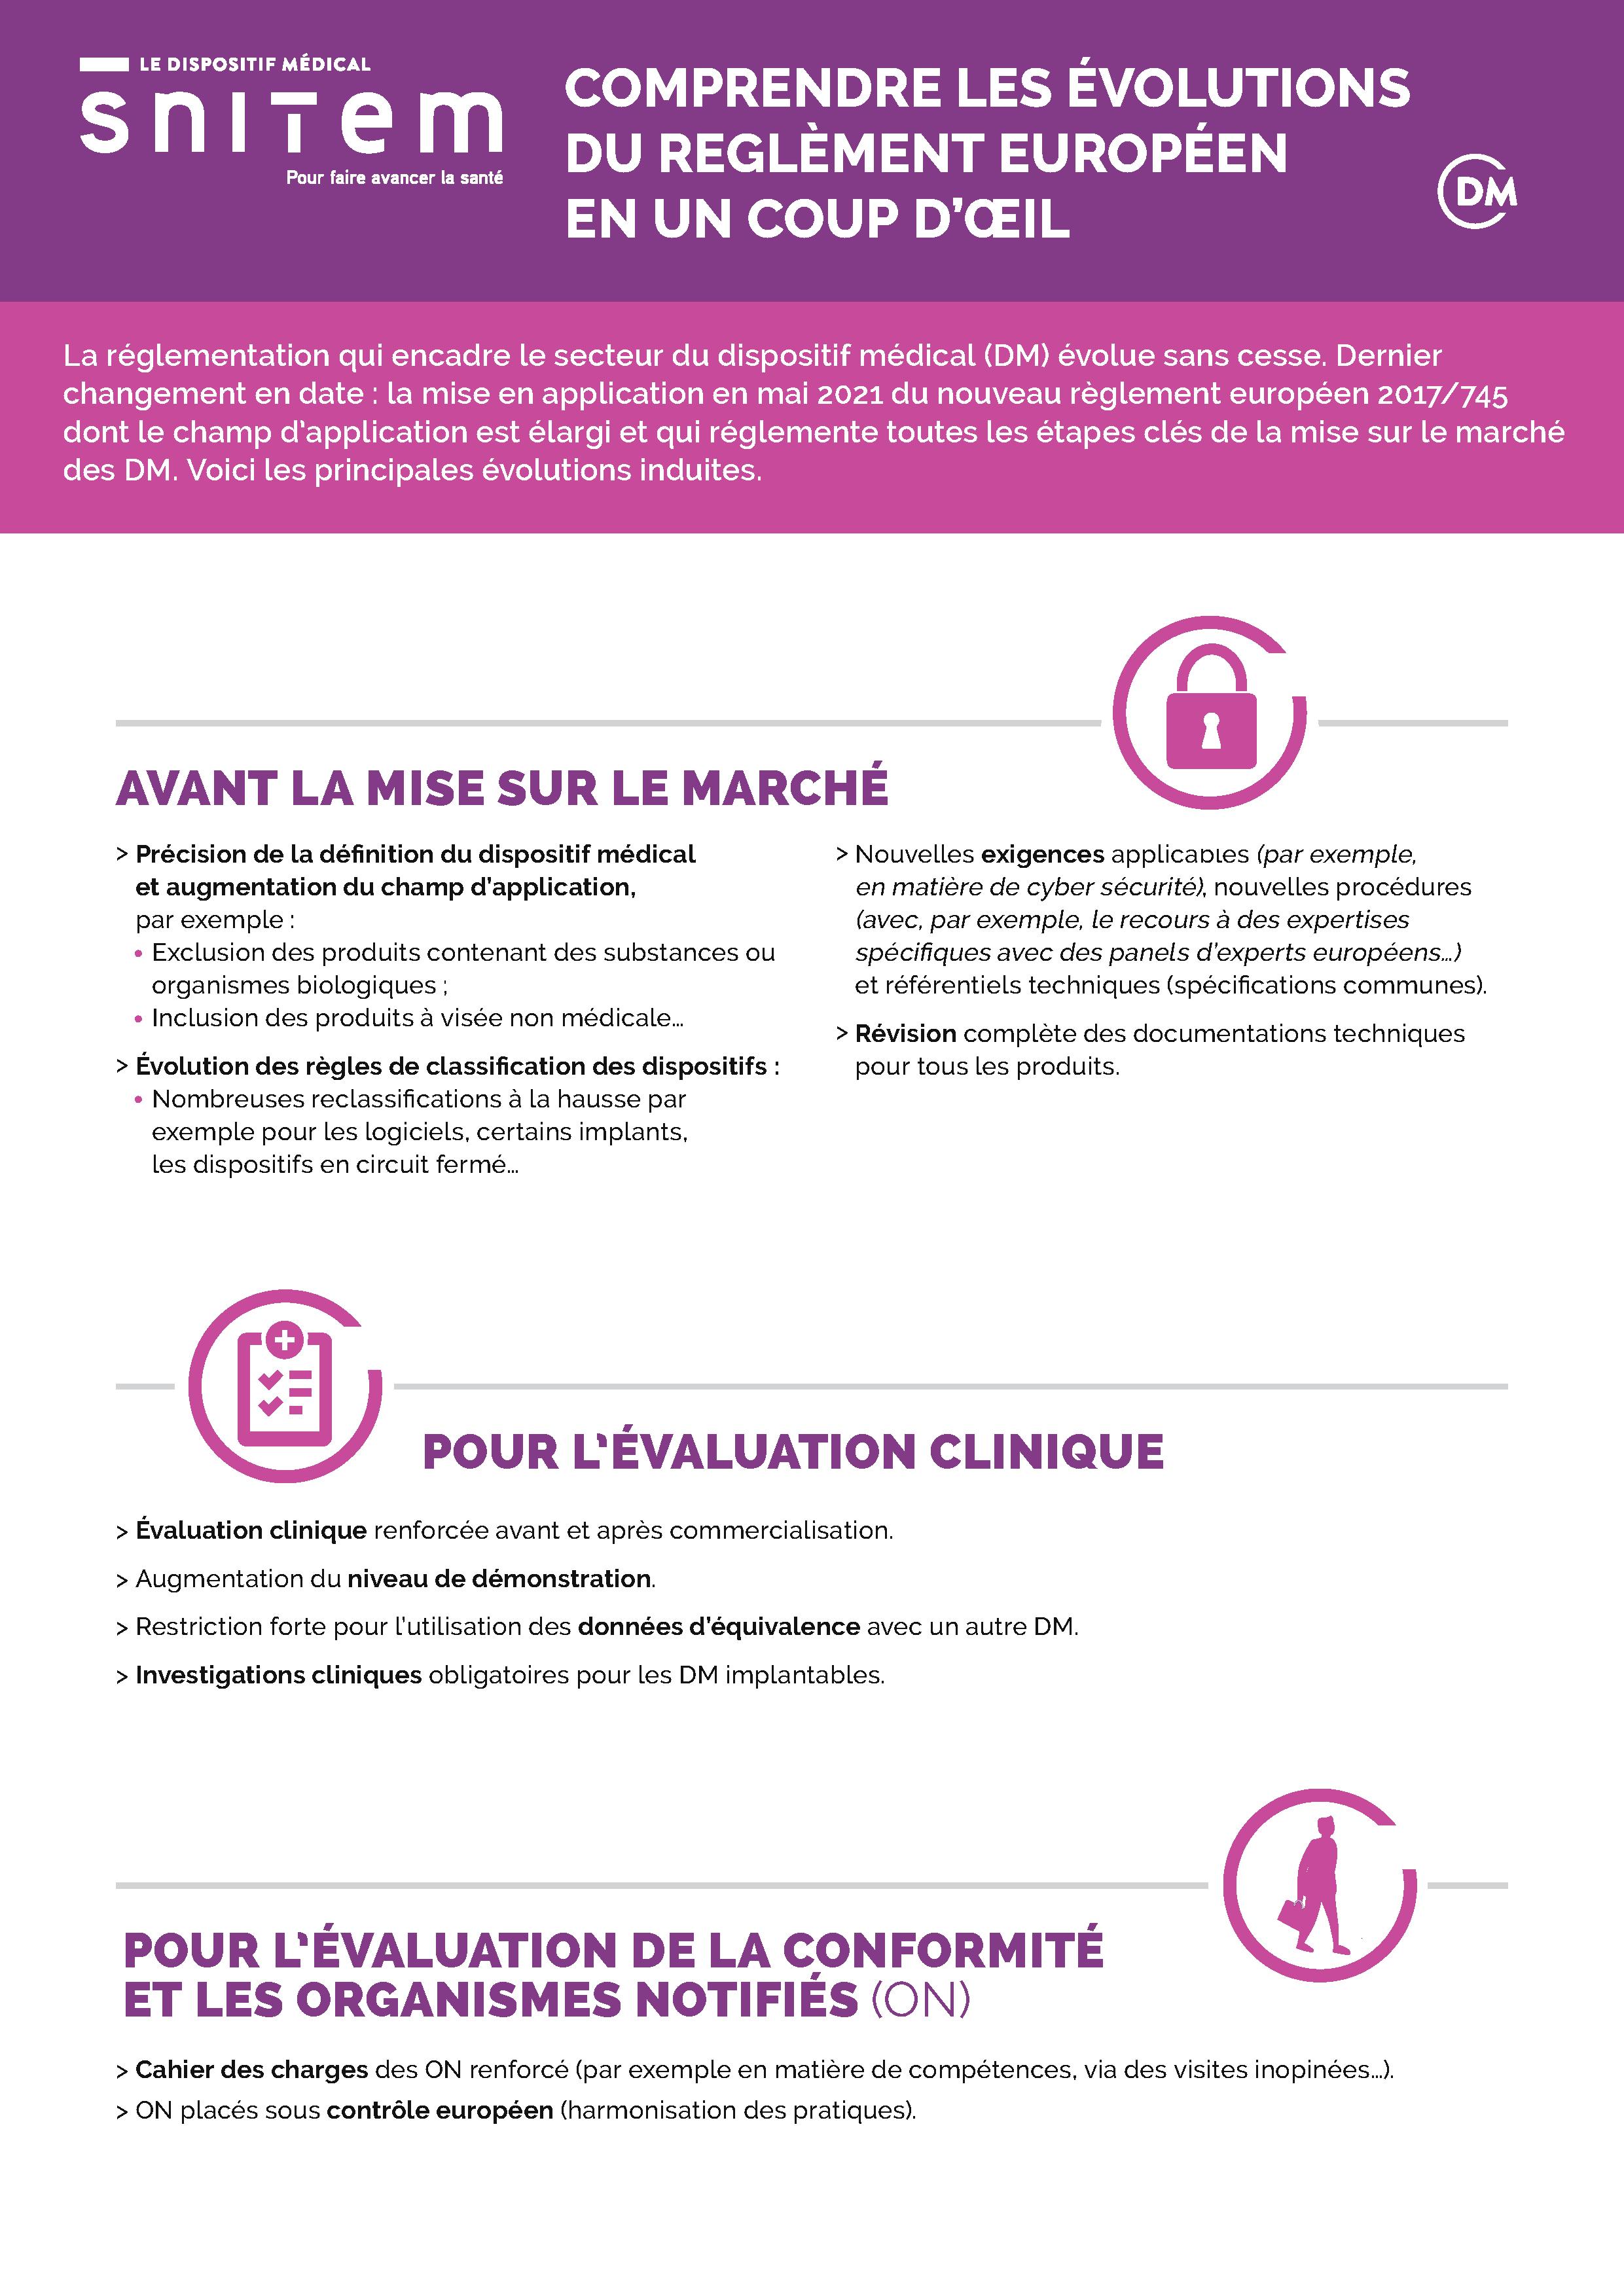 Les évolutions du nouveau règlement en un coup d'œil